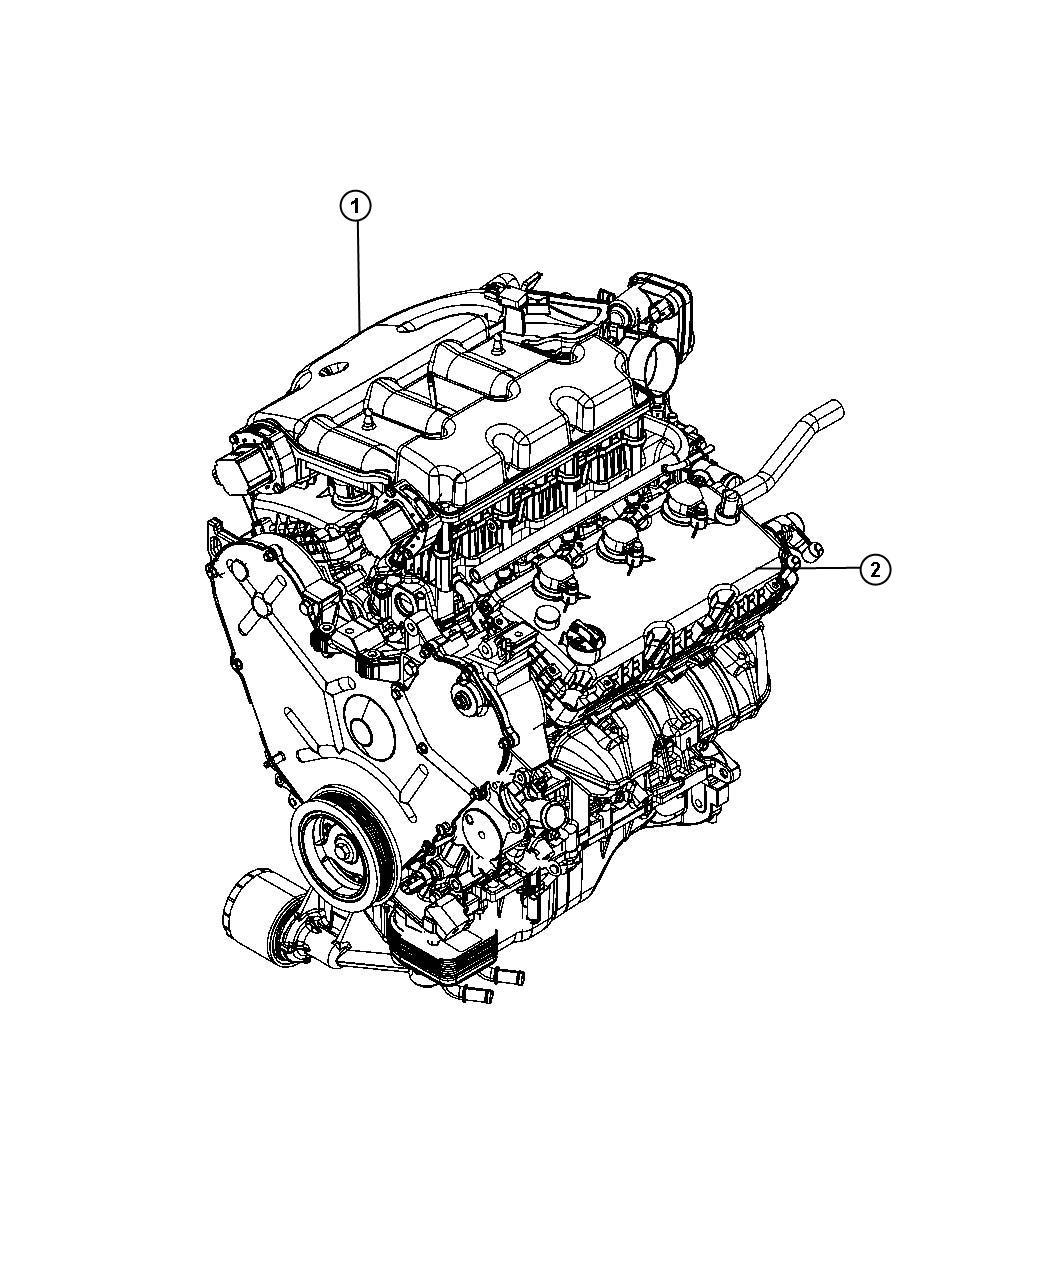 Chrysler Sebring Engine Assembly And Service Long Block 3 5l Egf